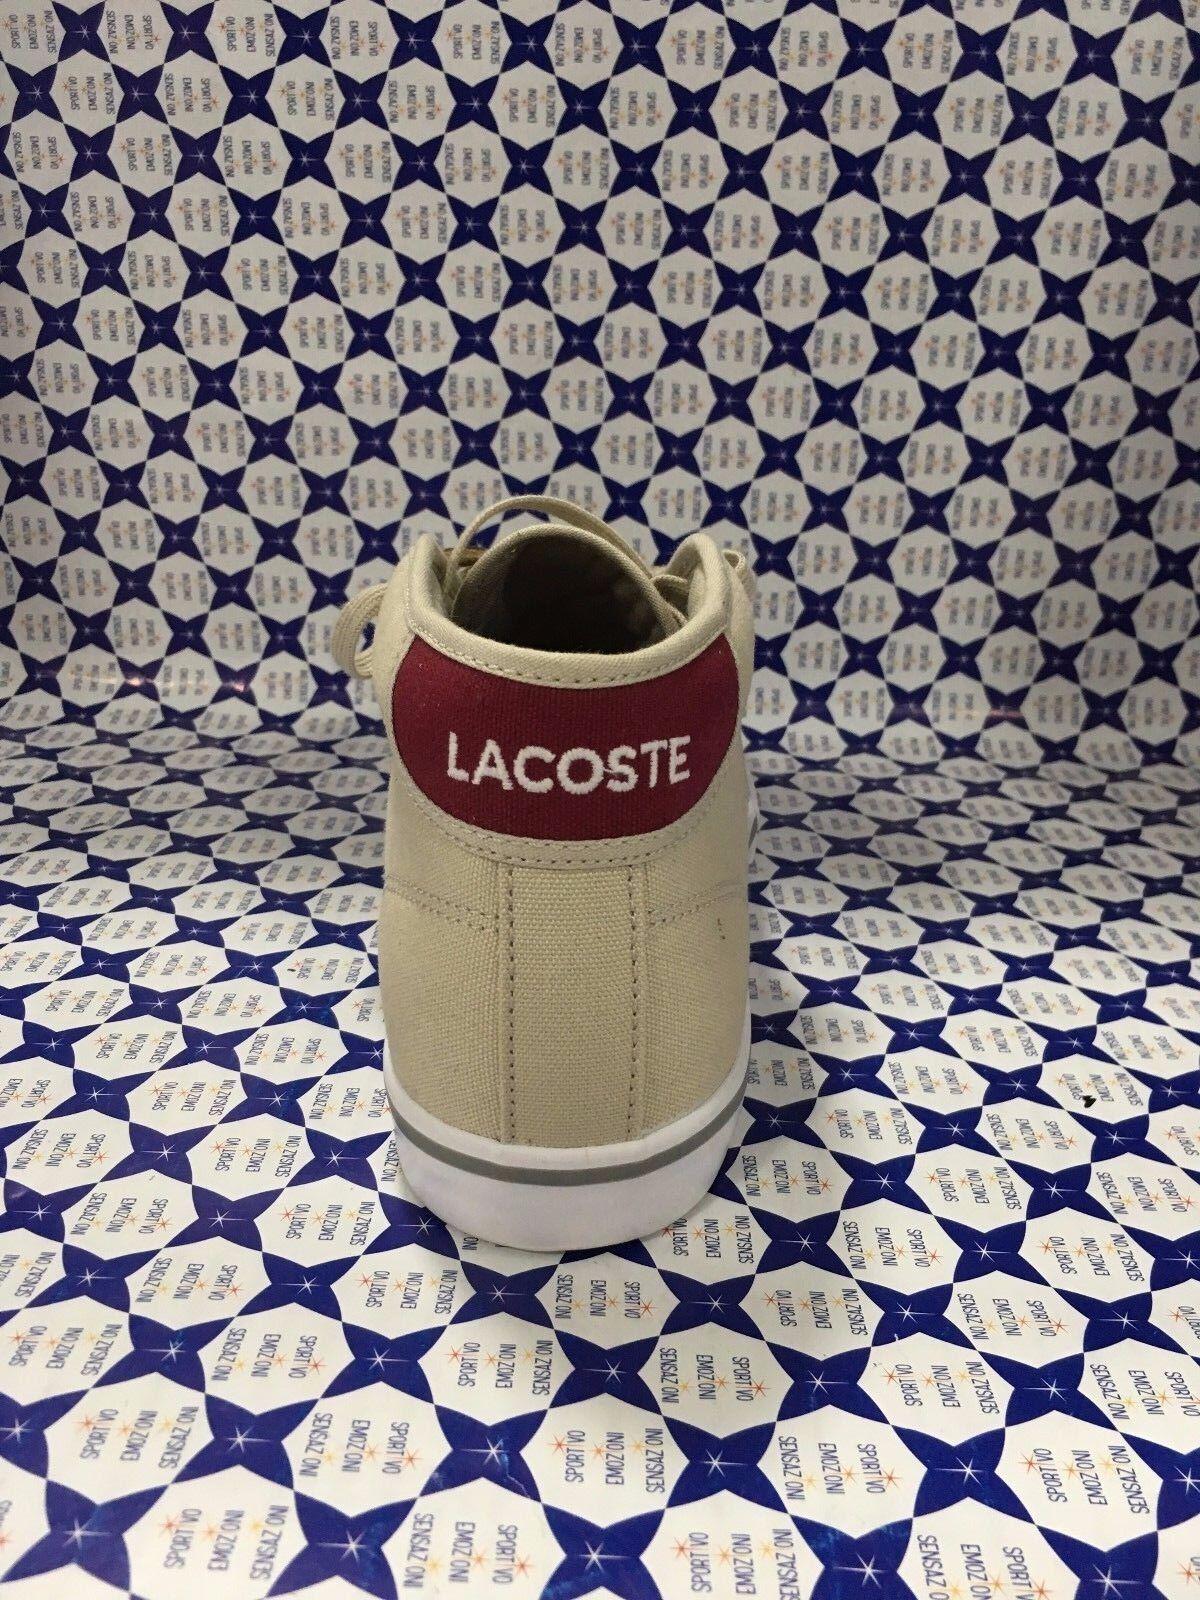 Scarpe casual da uomo  Scarpe LACOSTE Sneakers Uomo Sneakers LACOSTE Ampthill TBR - Sabbia - SPM0008 704151